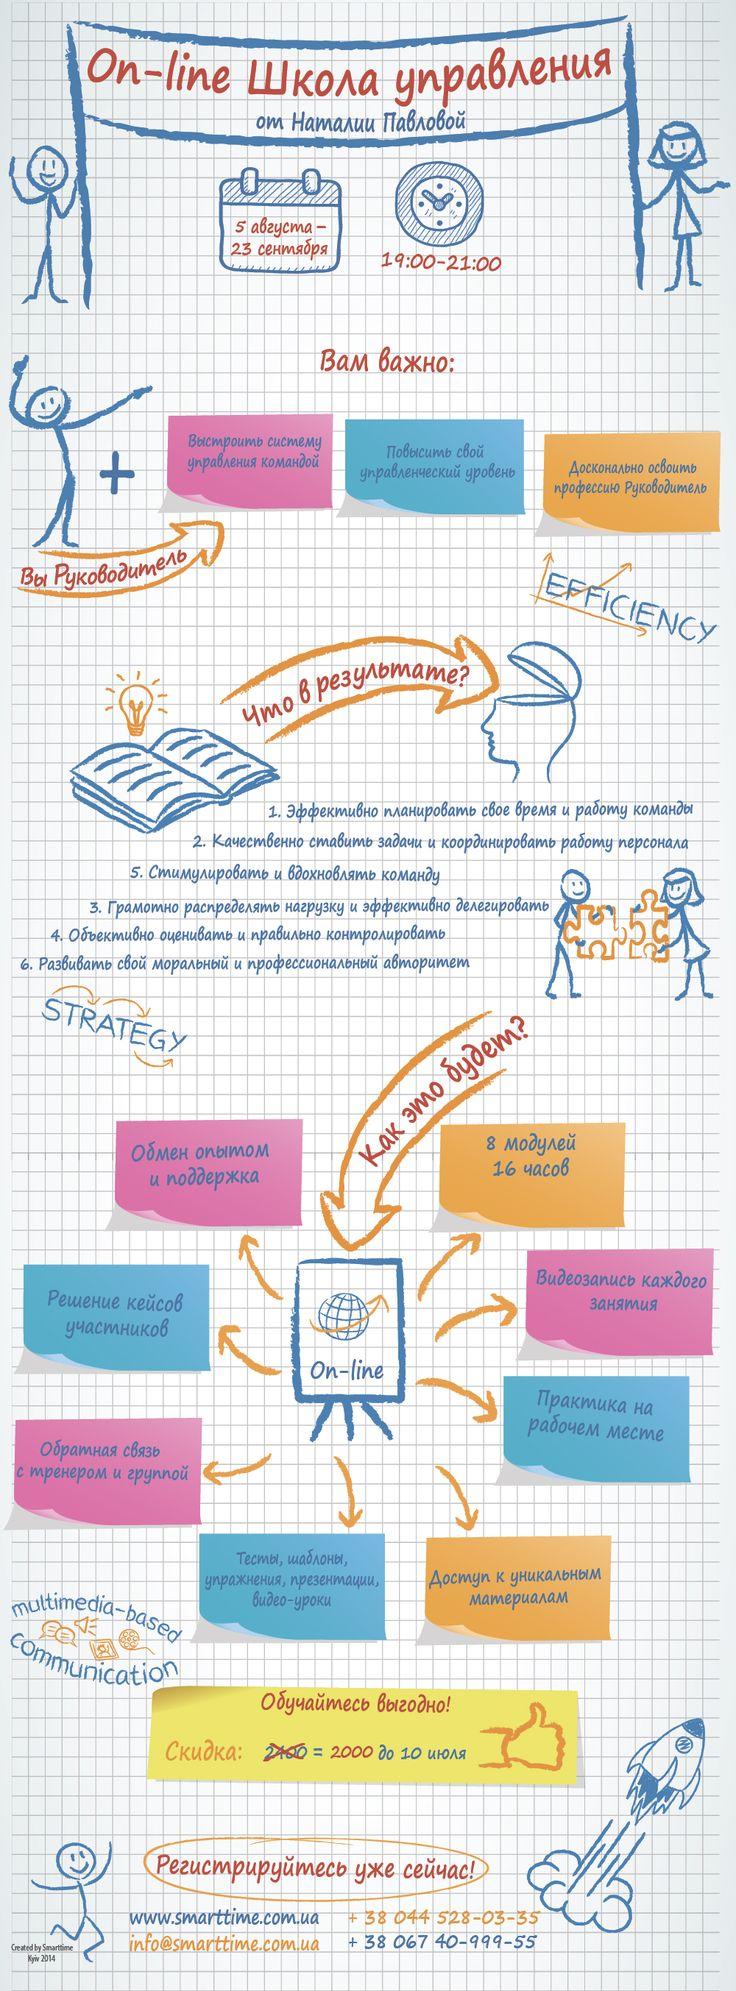 Школа управления - уникальный on-line продукт, совмещающий в себе системный подход к обучению управленцев, высокий уровень внедрения управленческих навыков, поддерживающую среду, организованную по принципу «равный-равному». Удобный вечерний формат проведения, все необходимые знания и навыки для эффективного управления и выгодная стоимость программы, делают Школу управления доступным и эффективным способом обучения управленцев. Смотрите подробную информацию на сайте: smarttime.com.ua/